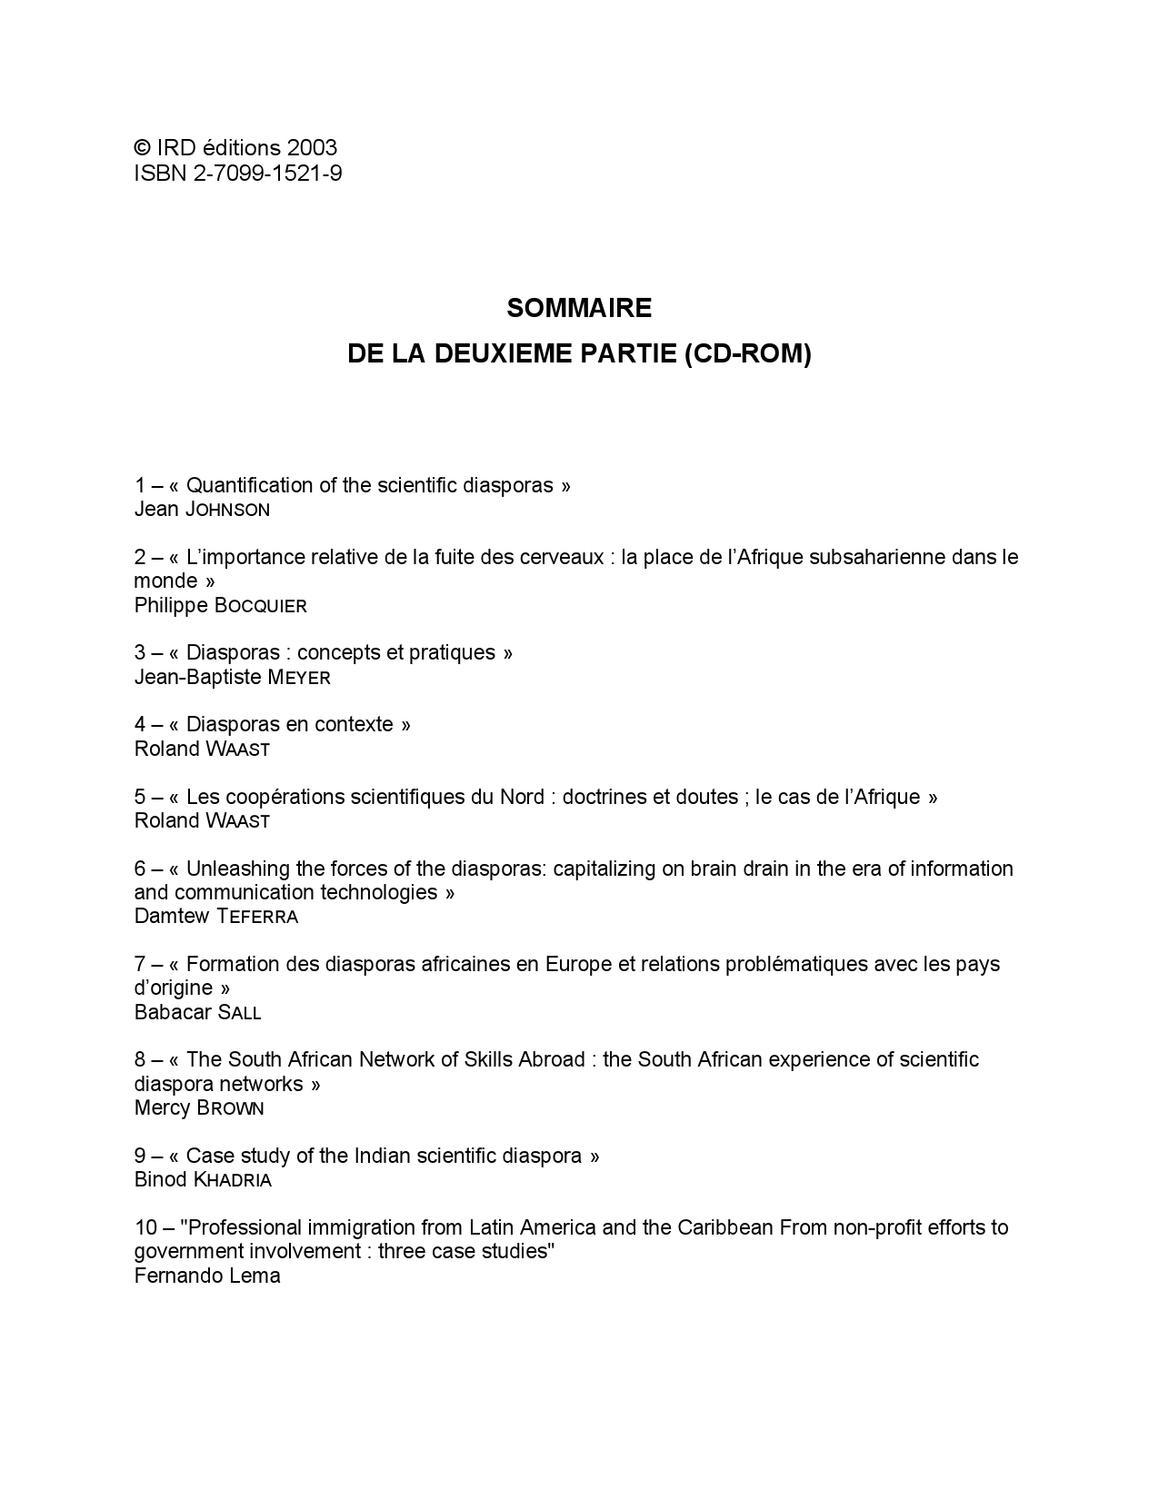 Diasporas Scientifiques By Red Uruguay Encuentro - Issuu intérieur Exercice Gs En Ligne